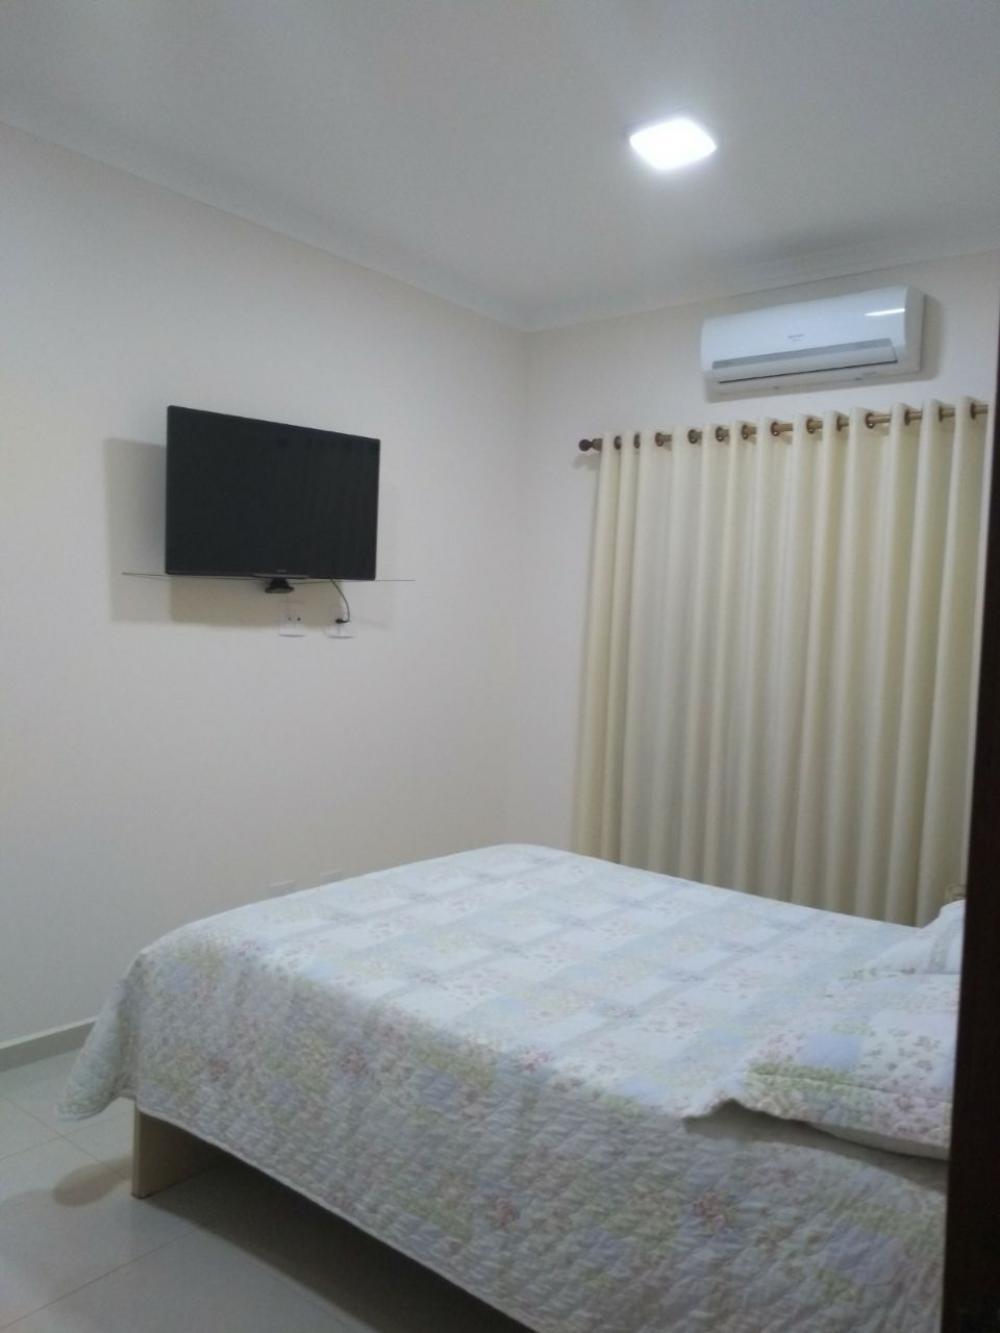 Comprar Casa / Condomínio em São José do Rio Preto R$ 990.000,00 - Foto 11